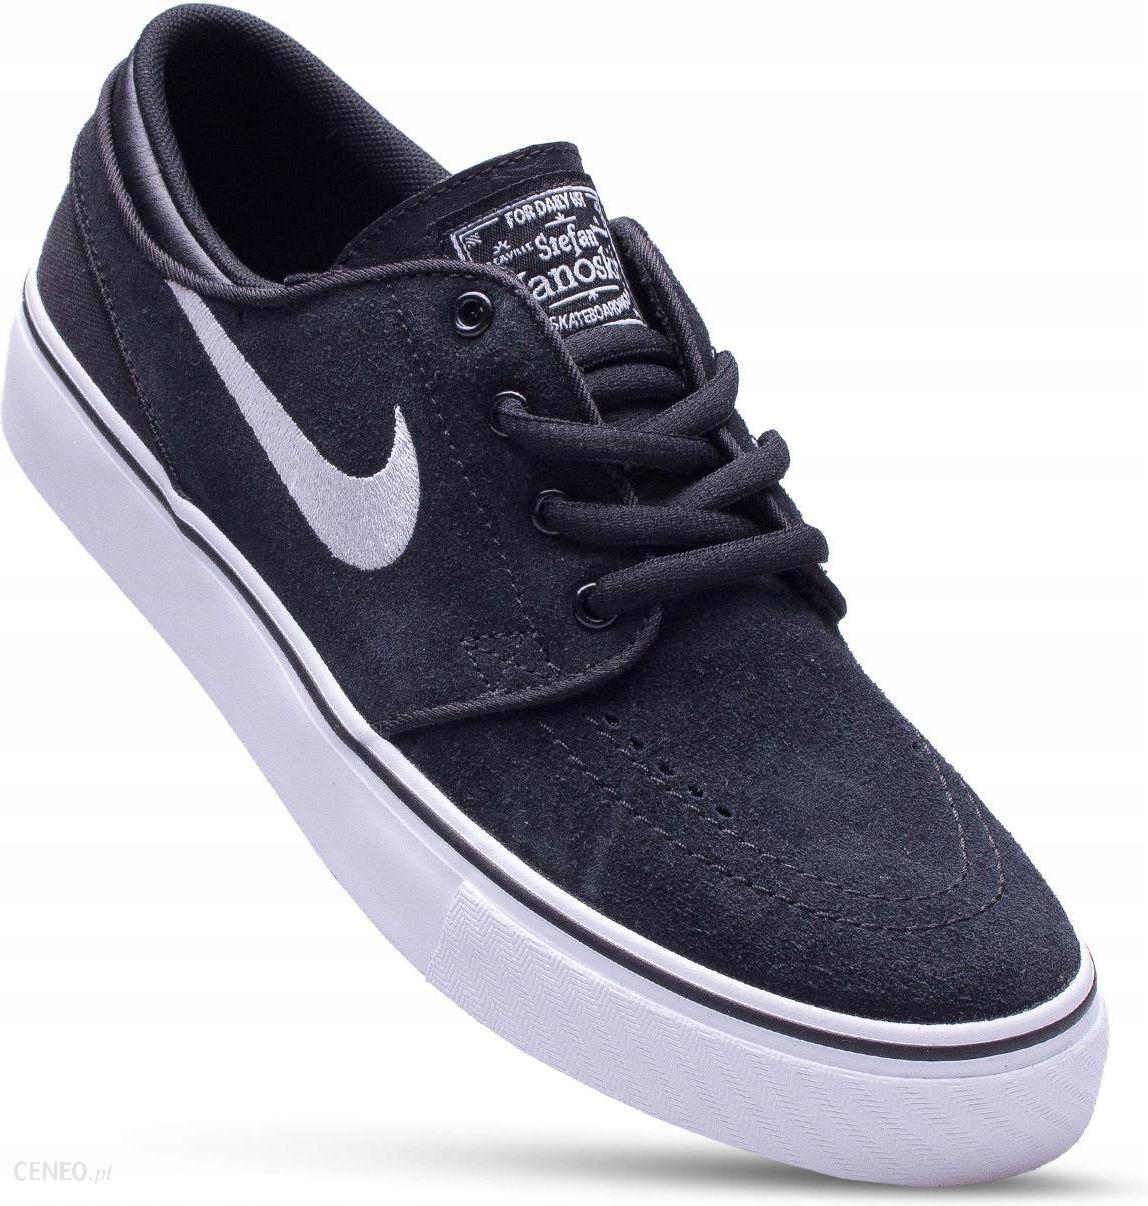 Nike trampki męskie stefan janoski czarne